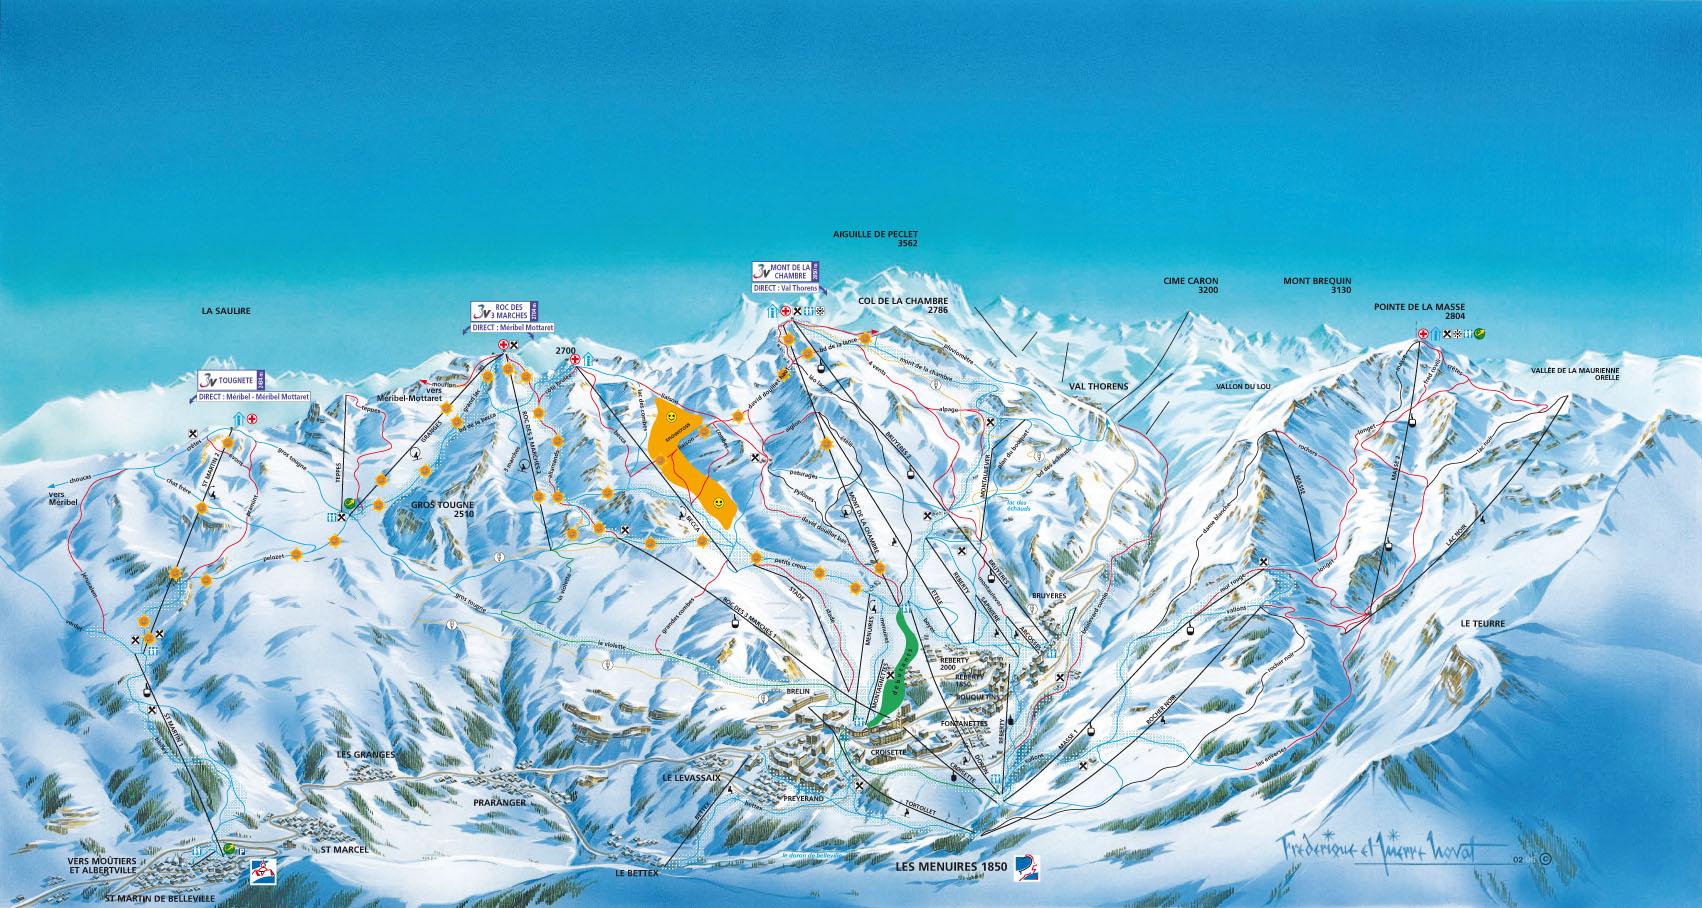 Station de ski les menuires alpes du nord savoie vacances - Cabinet medical moutiers ...